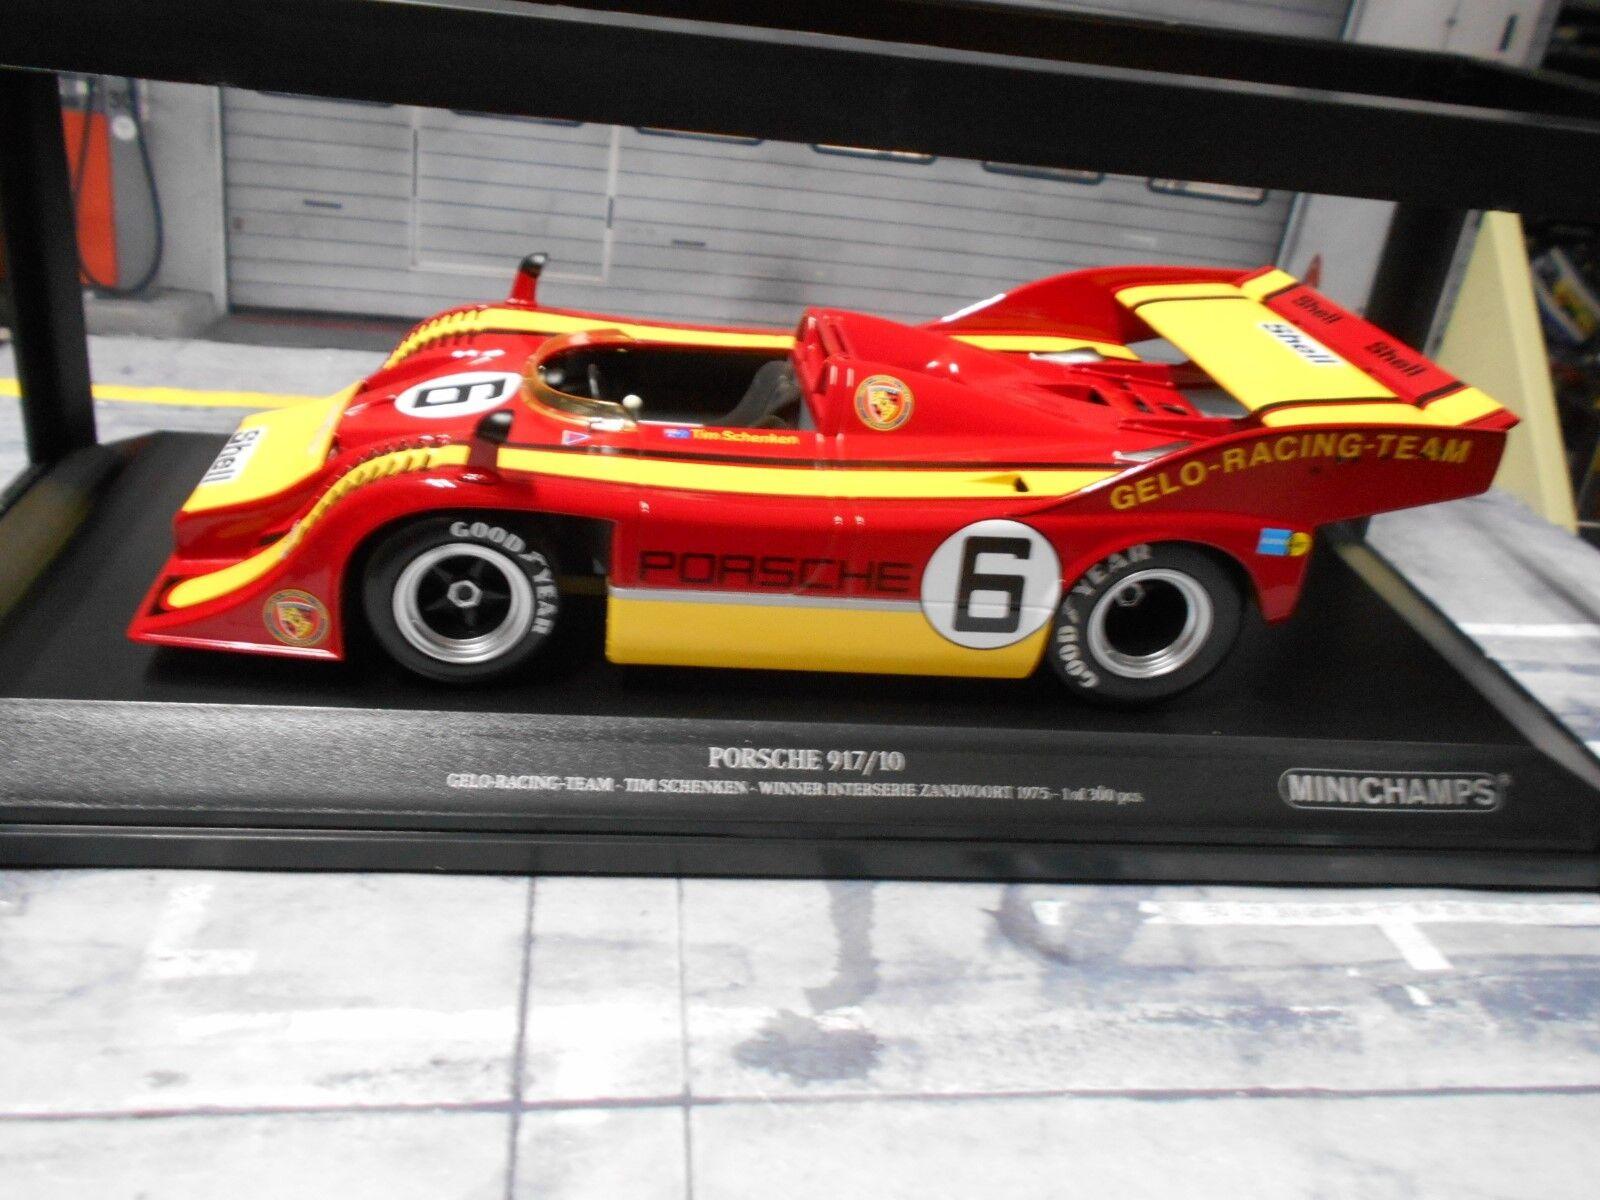 PORSCHE 917 917/10 SPYDER cancellata  6 prestare prestare prestare Zandvoort 1975 winner MINICHAMPS 1:18 9796cc